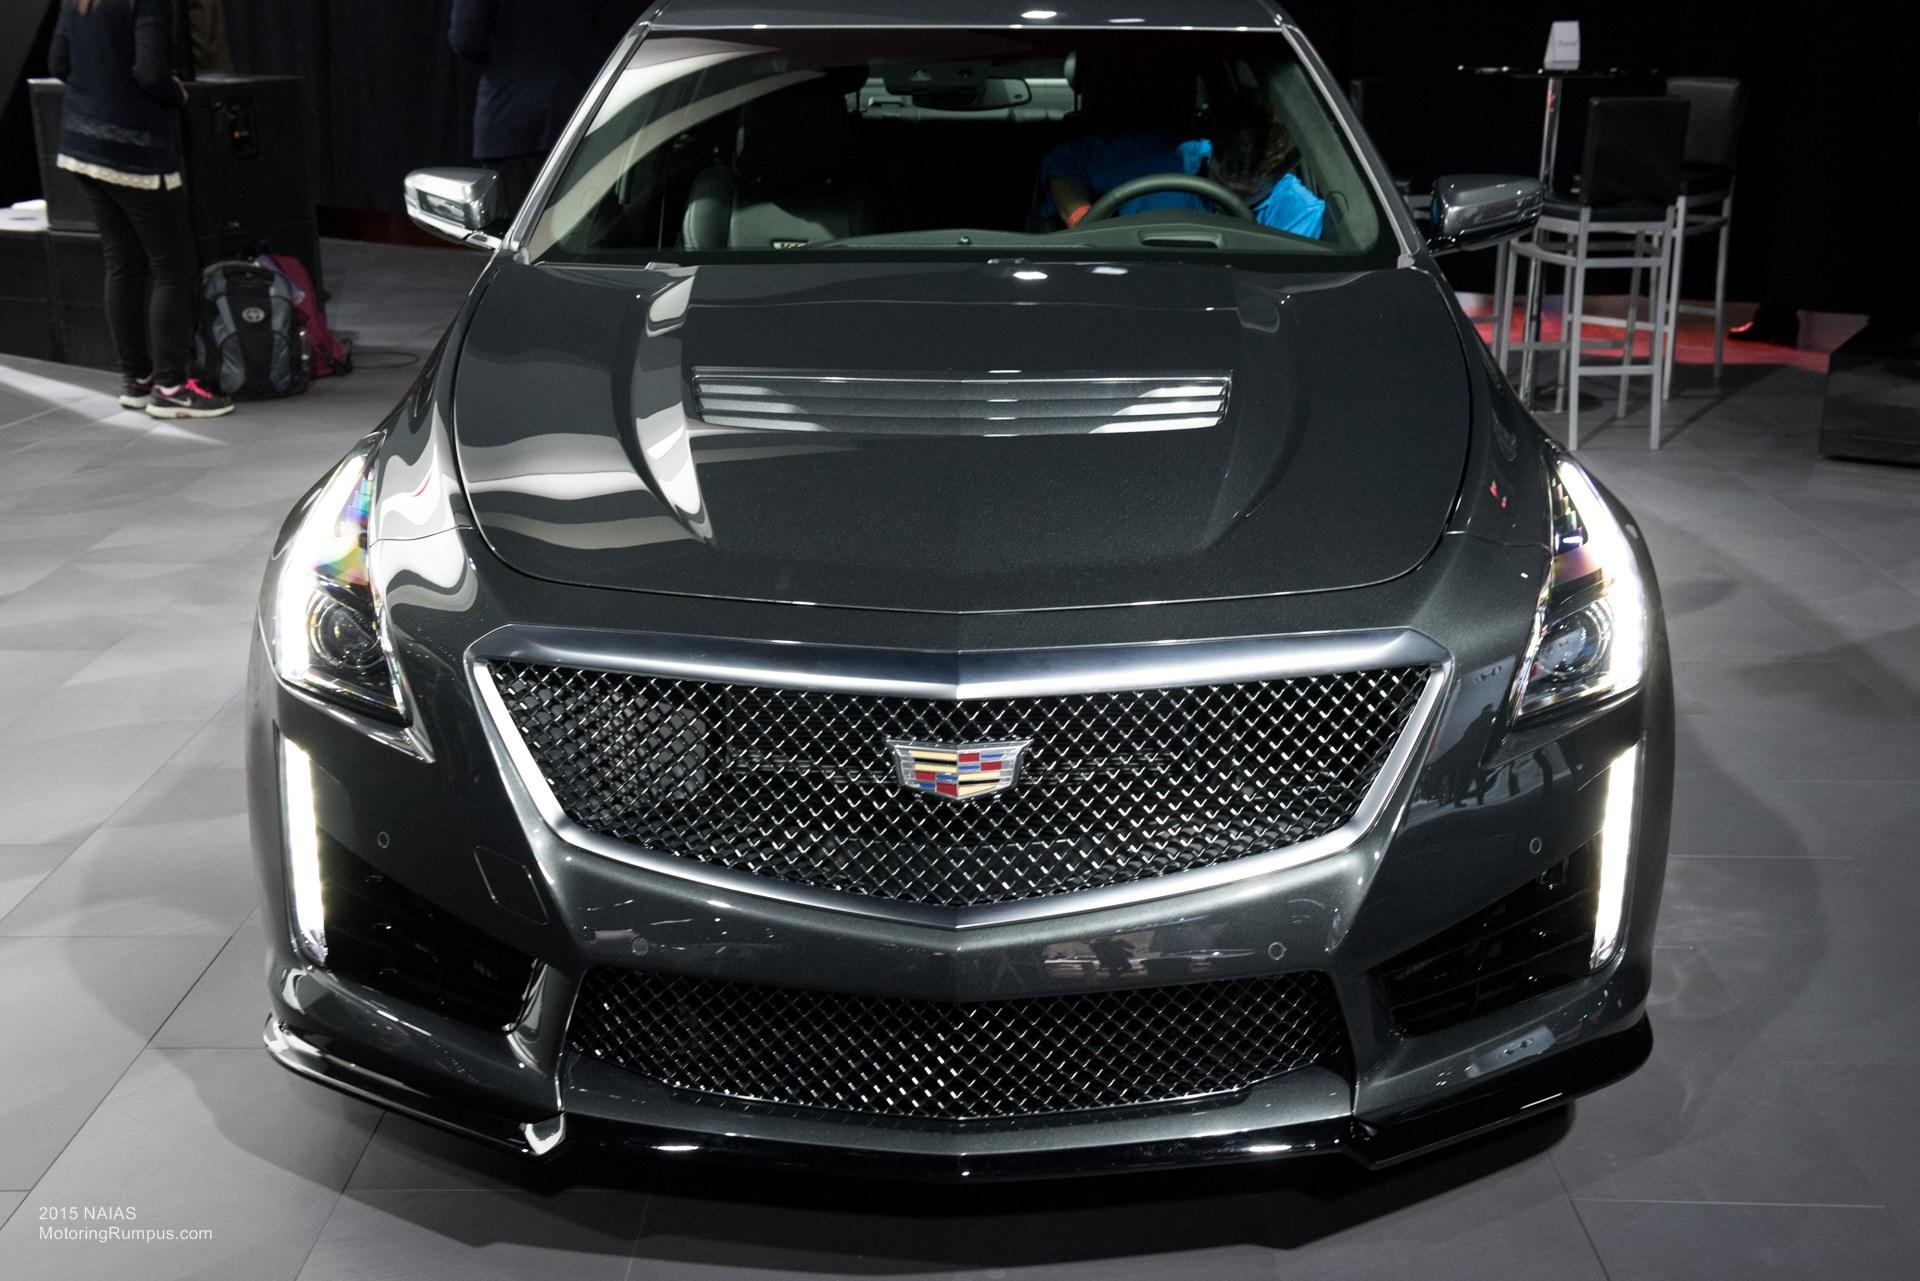 2015 NAIAS Cadillac CTS-V Front